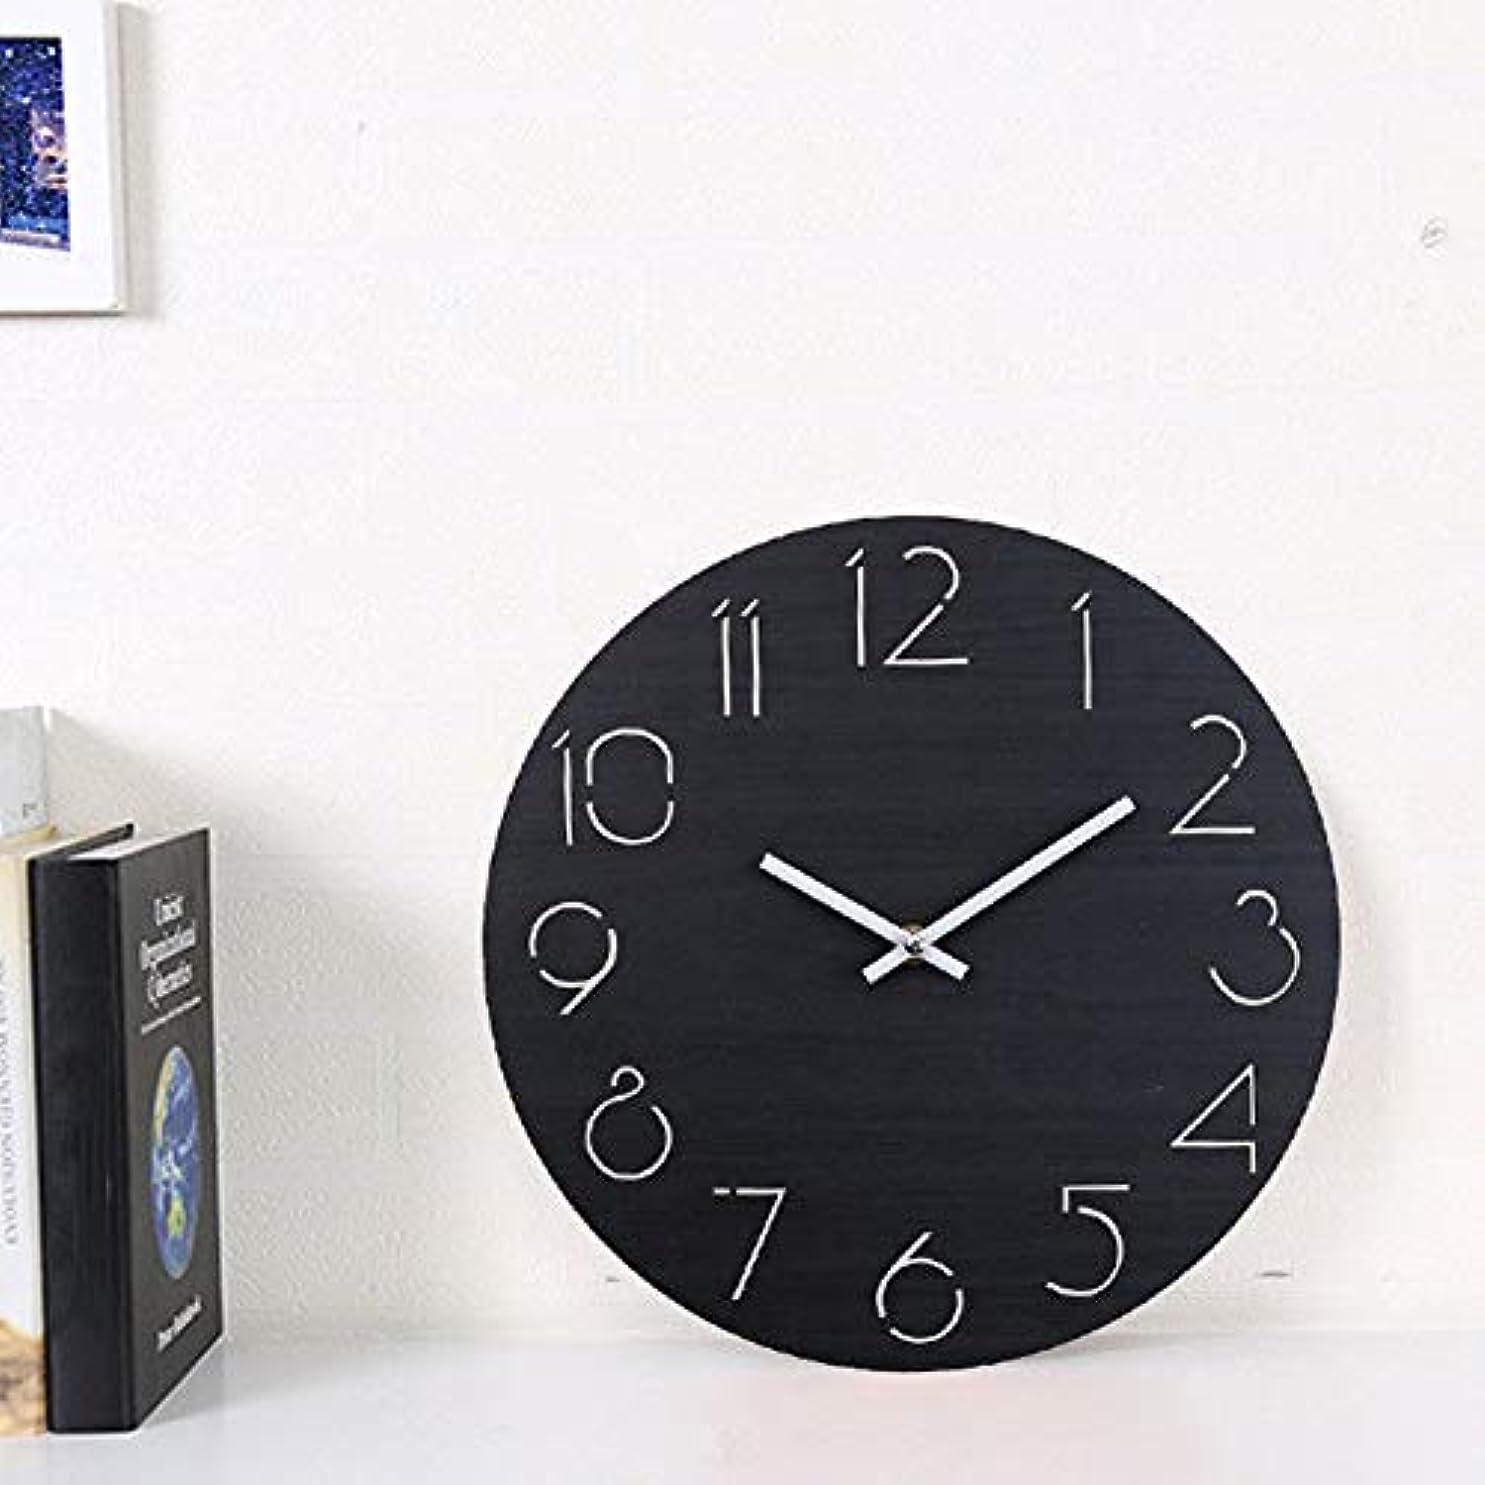 一時的太鼓腹故国壁掛け時計12